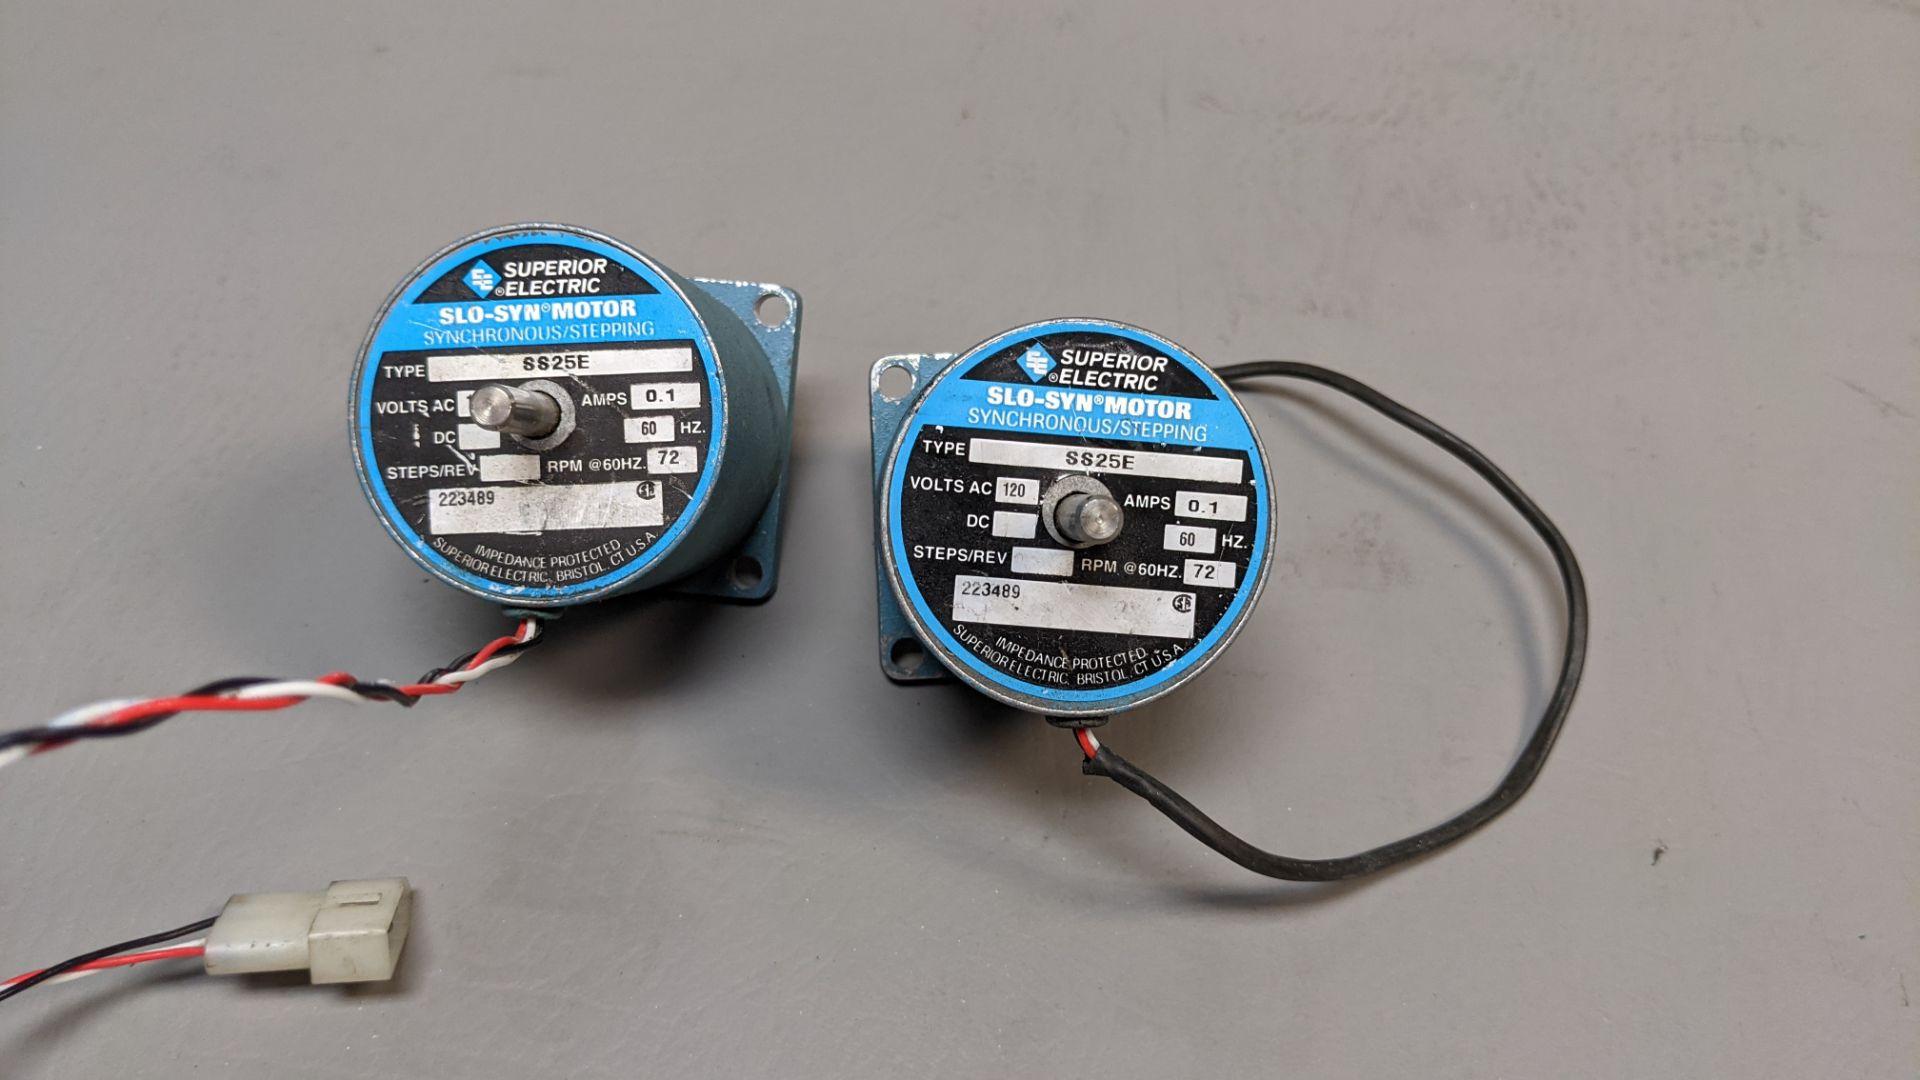 LOT OF 2 SUPERIOR ELECTRIC STEPPER MOTORS